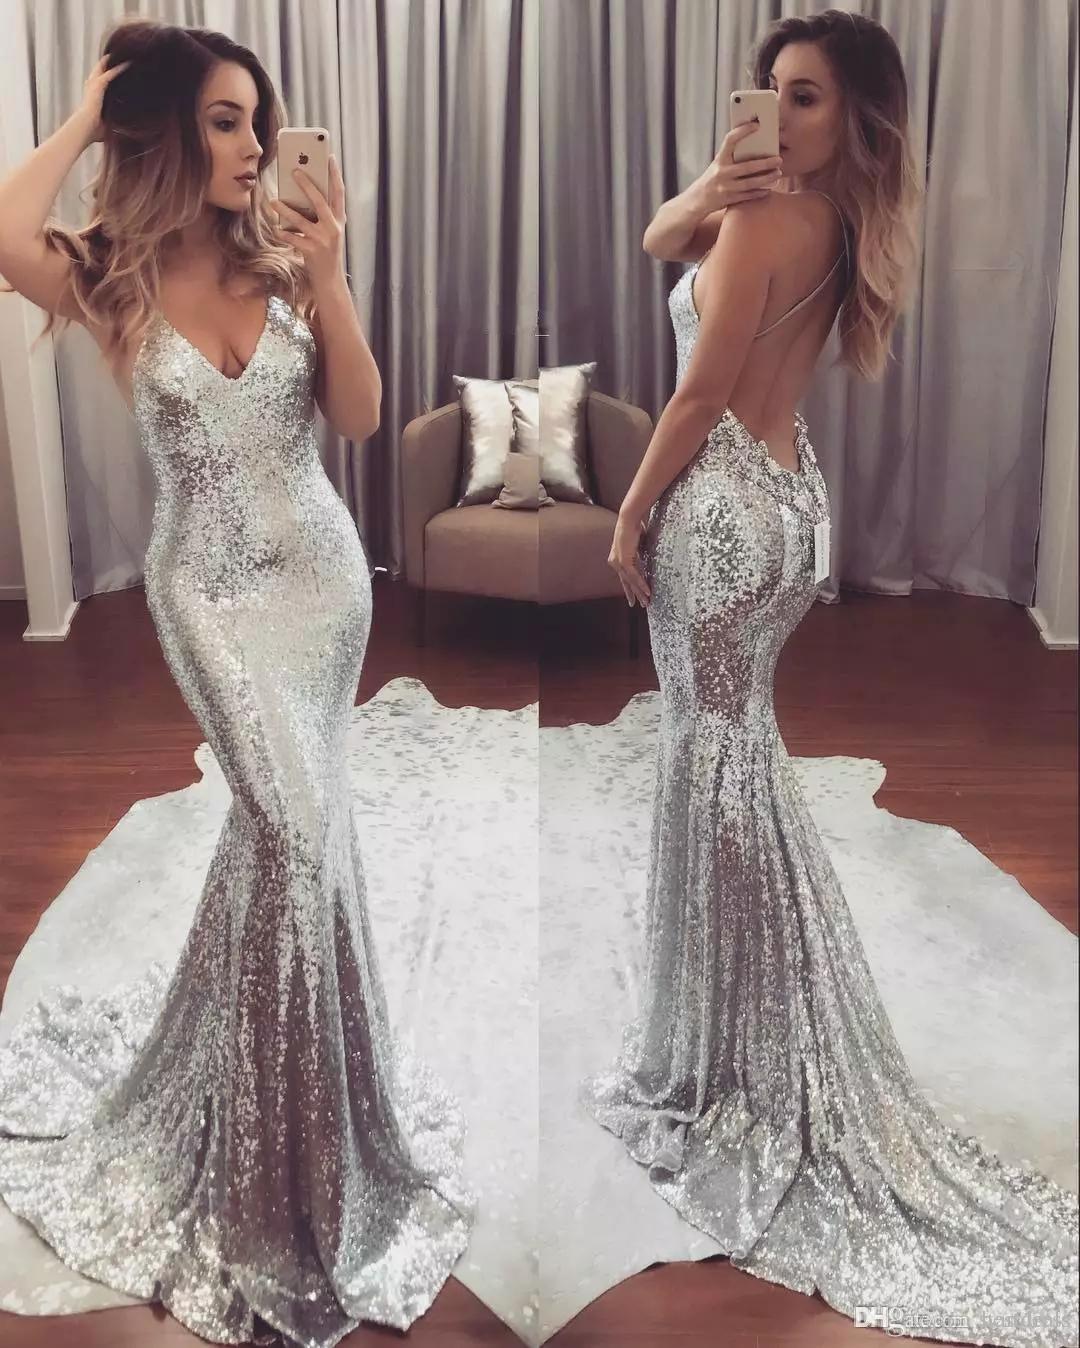 Bling con lentejuelas de plata vestidos de baile de la sirena 2018 Elegante con cuello en V correa de espagueti vestidos de noche sin respaldo atractivos vestidos de fiesta de vacaciones